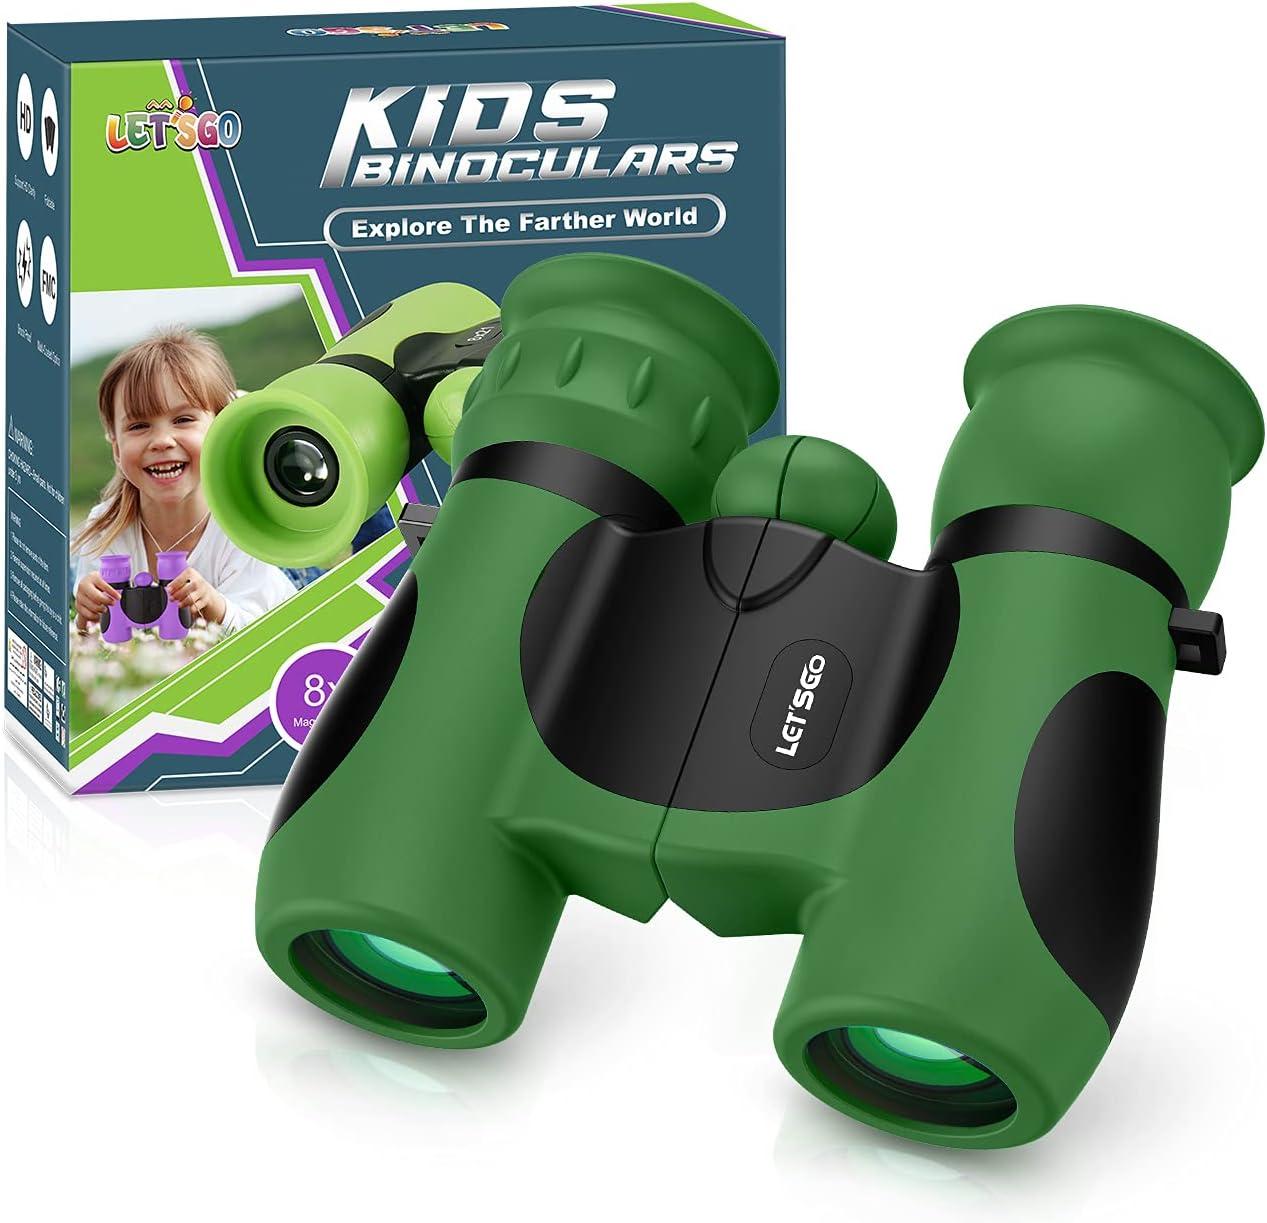 DEVRNEZ Juguetes Niña 3-14 Años,Regalos para Niños Juegos de Exterior para Niños Prismaticos Niños Buenos Regalos de Cumpleaños para Niños Juguete Niños 3-14 Años Niños